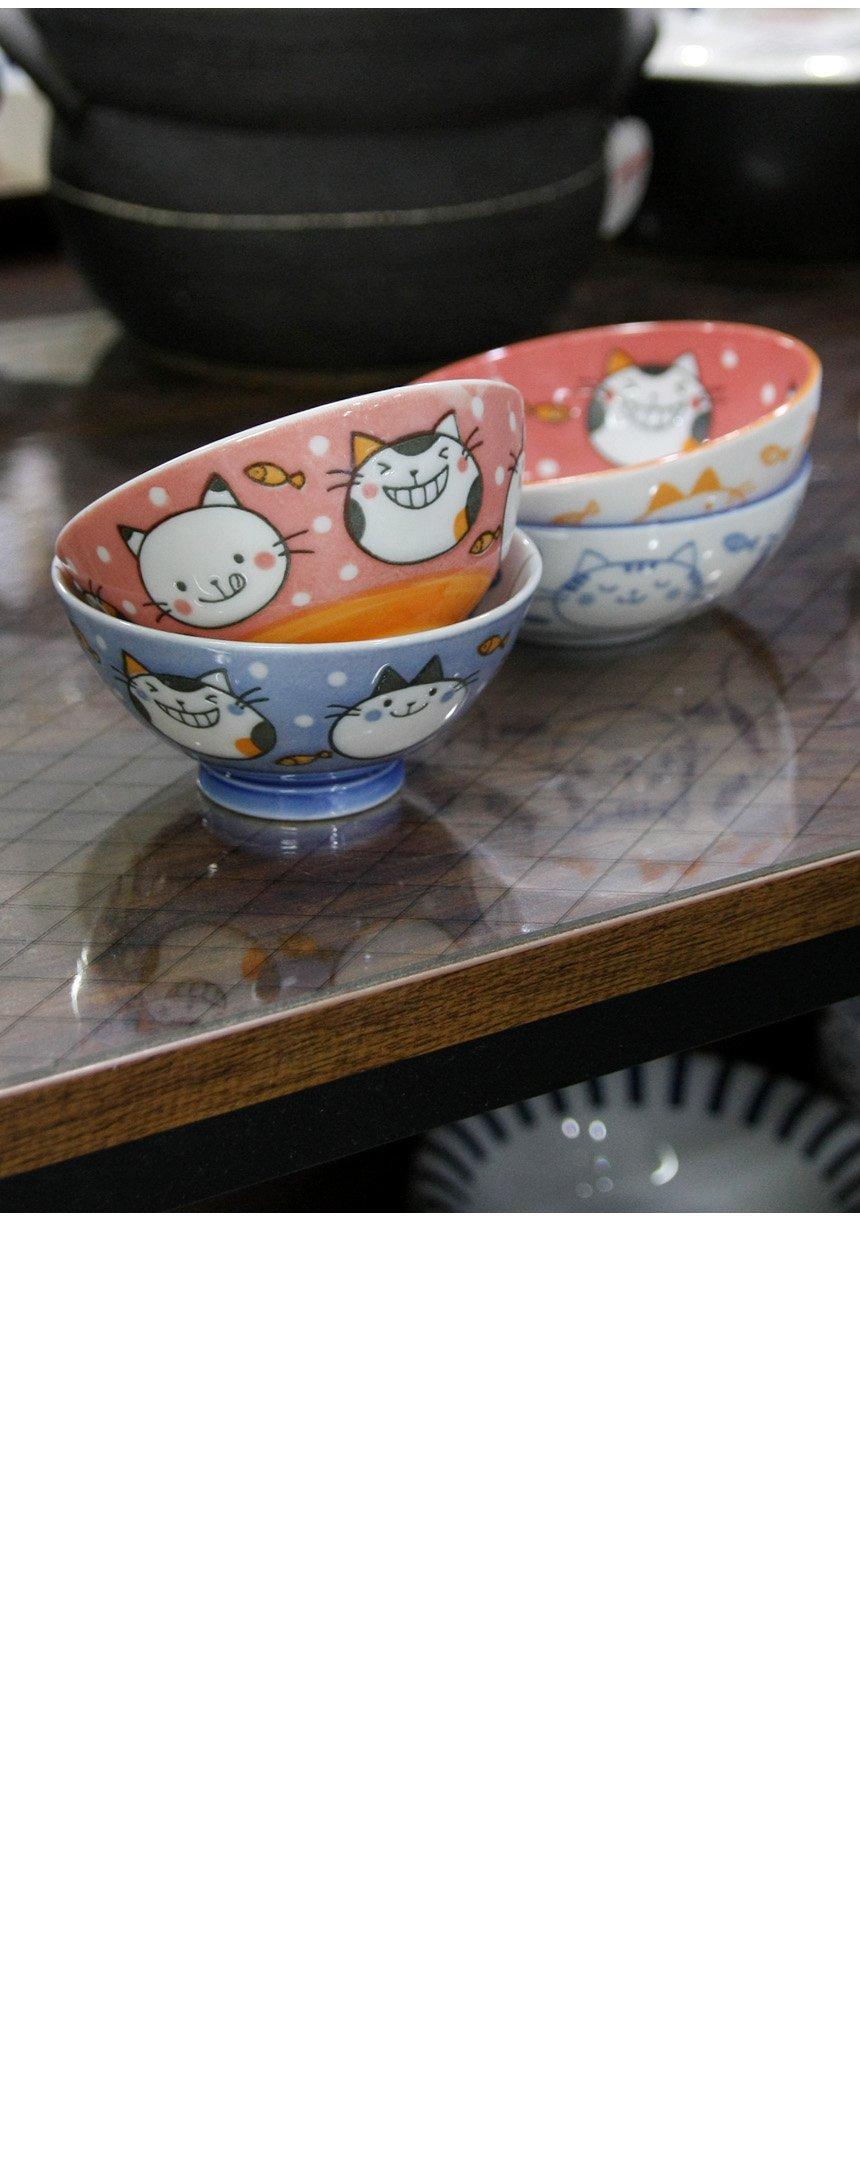 일본식기 리버스네코 공기와대접 - 로메이키친A, 10,000원, 밥공기/국공기, 밥공기